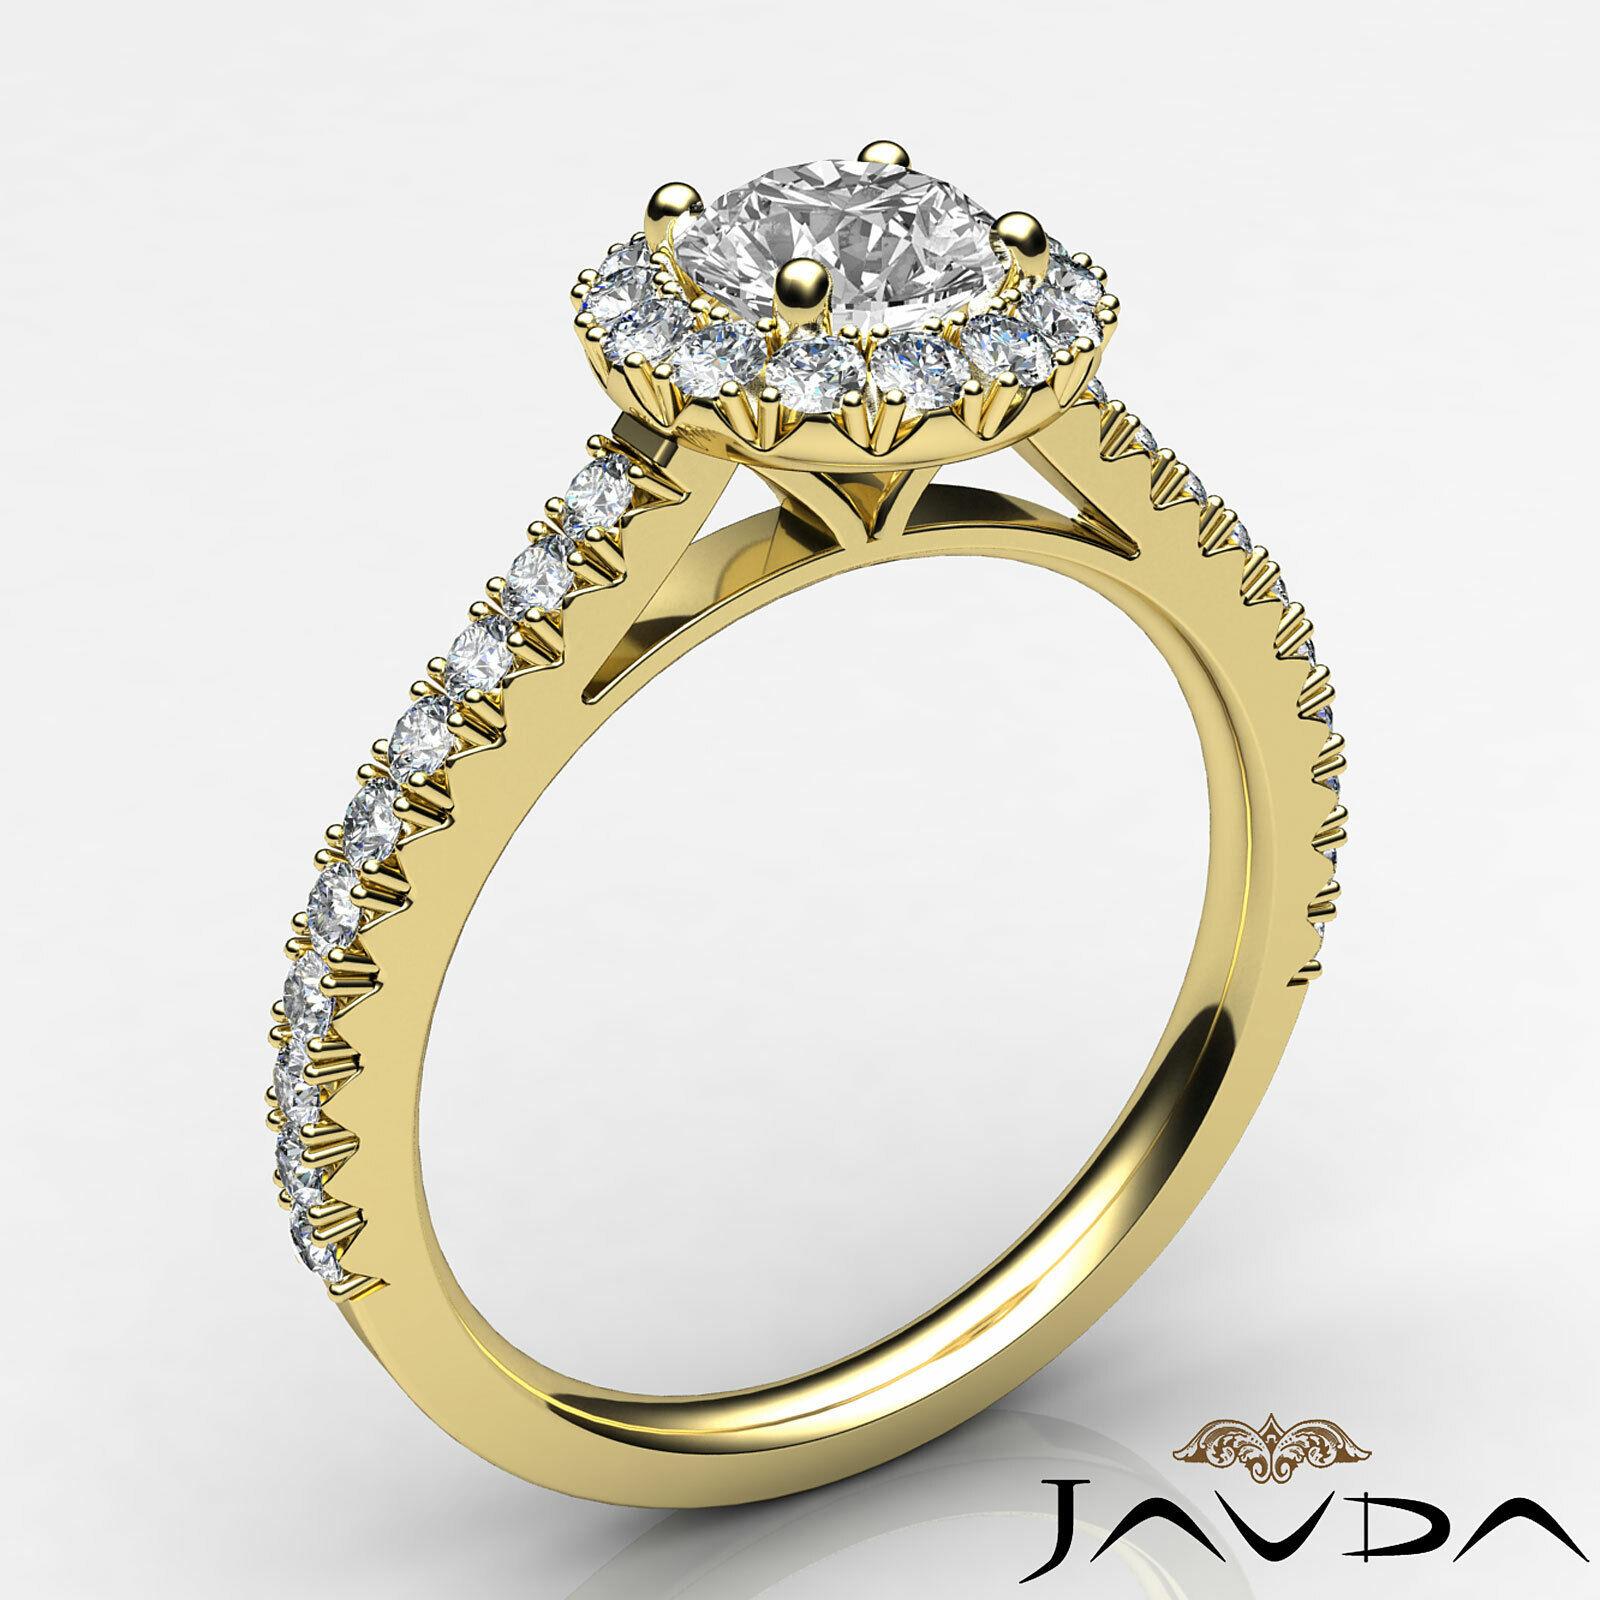 1.5ctw Double Prong Round Diamond Engagement Ring GIA E-VS2 White Gold Women New 7